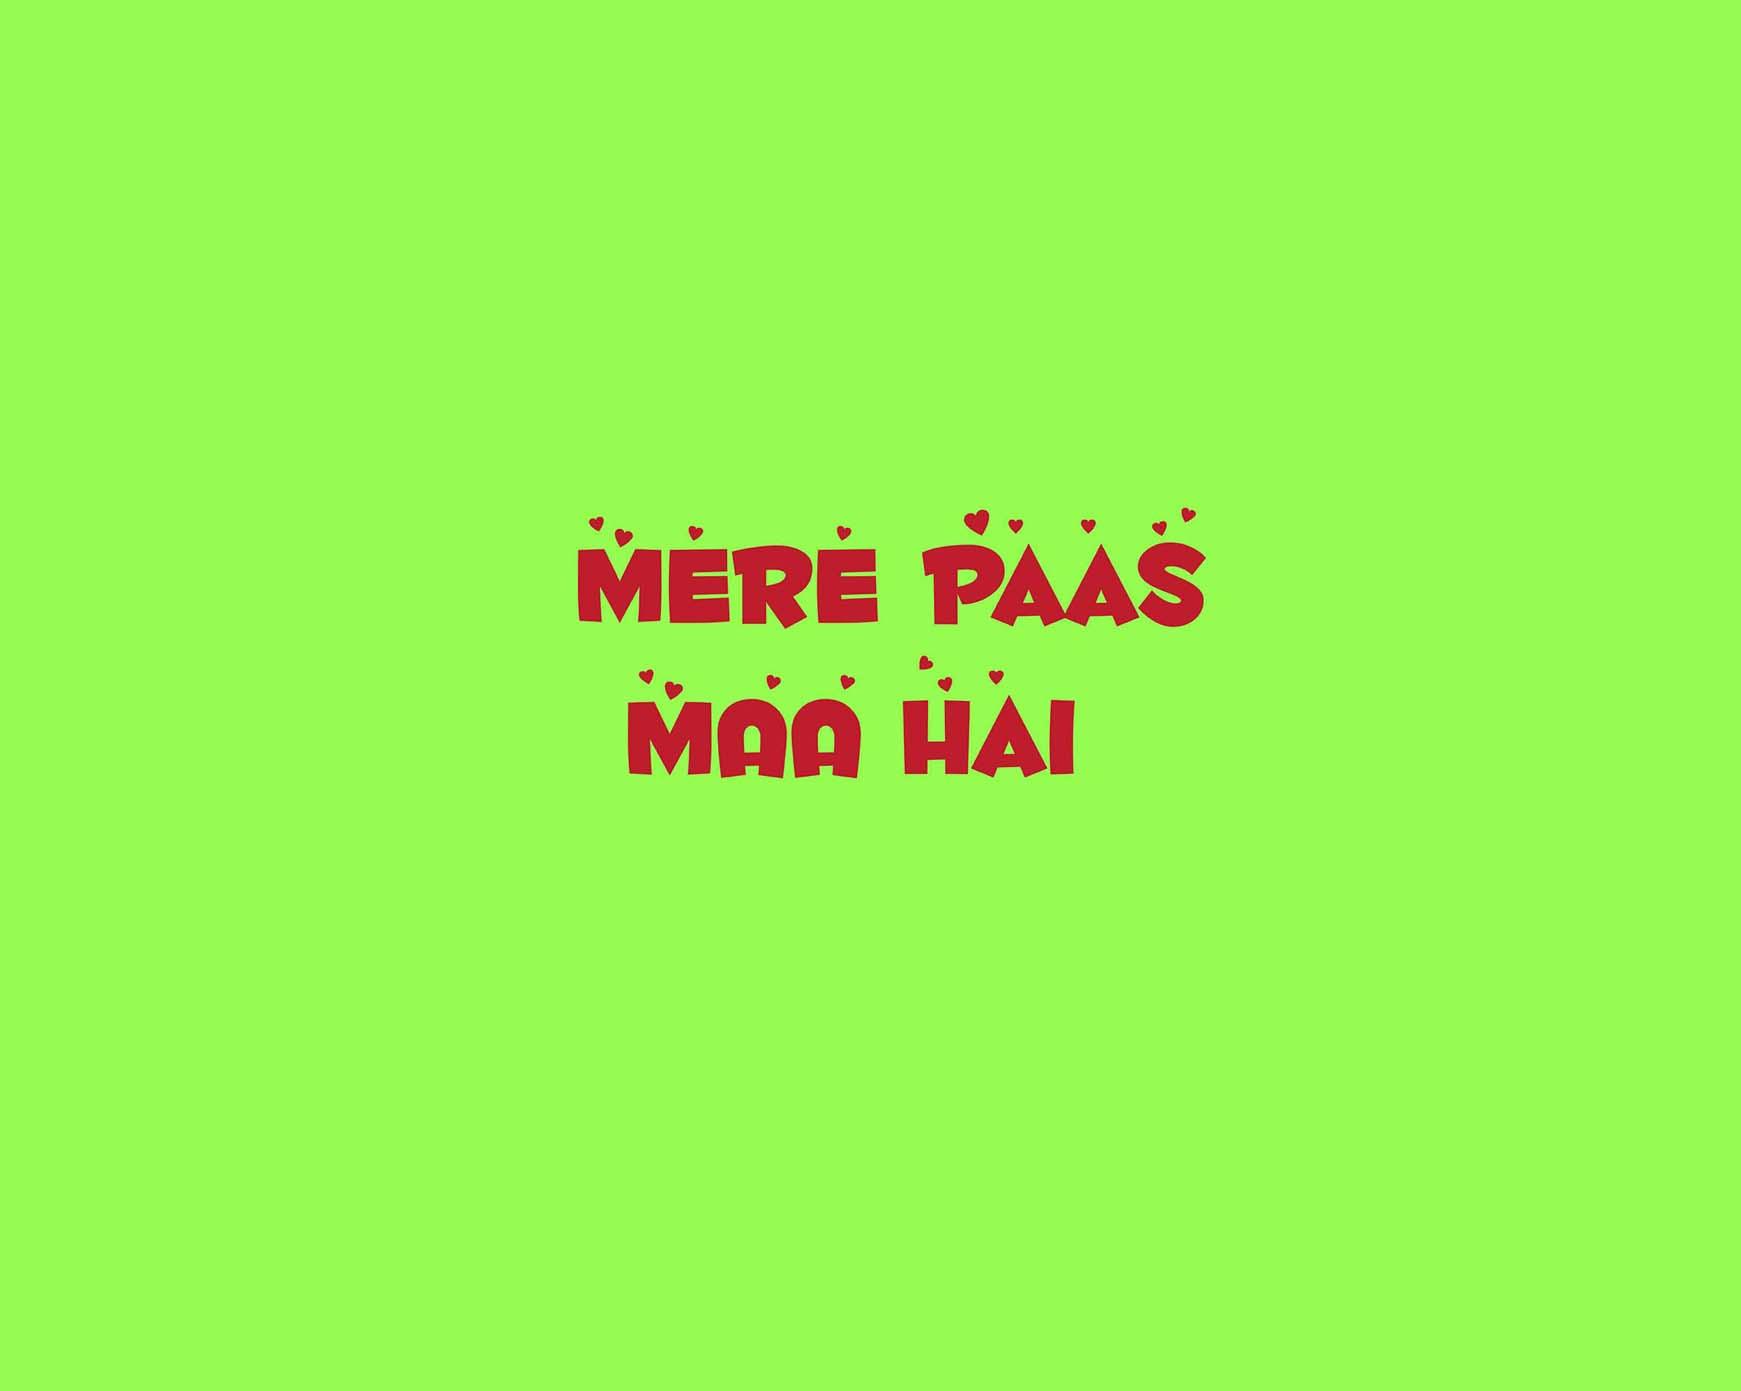 MERE-PAAS-MAA-HAI-ROMPER